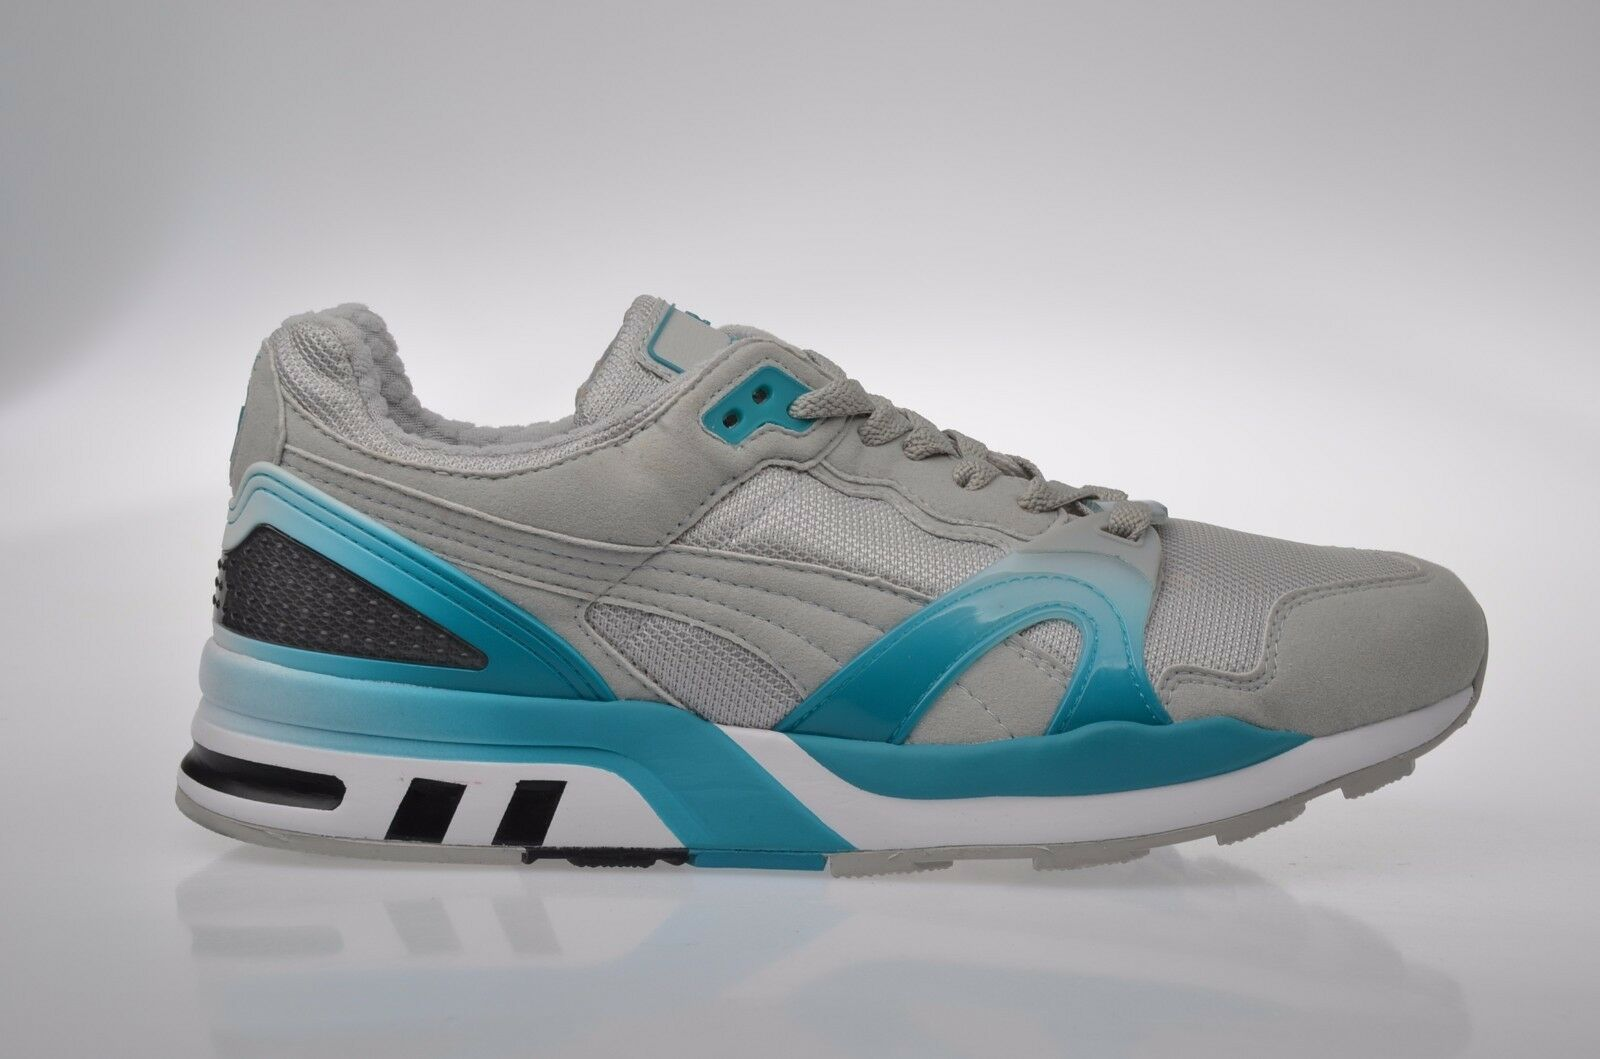 [NEU] Original PUMA XT2 FADE SNEAKER grau blau Schuhe Sample Gr. 42